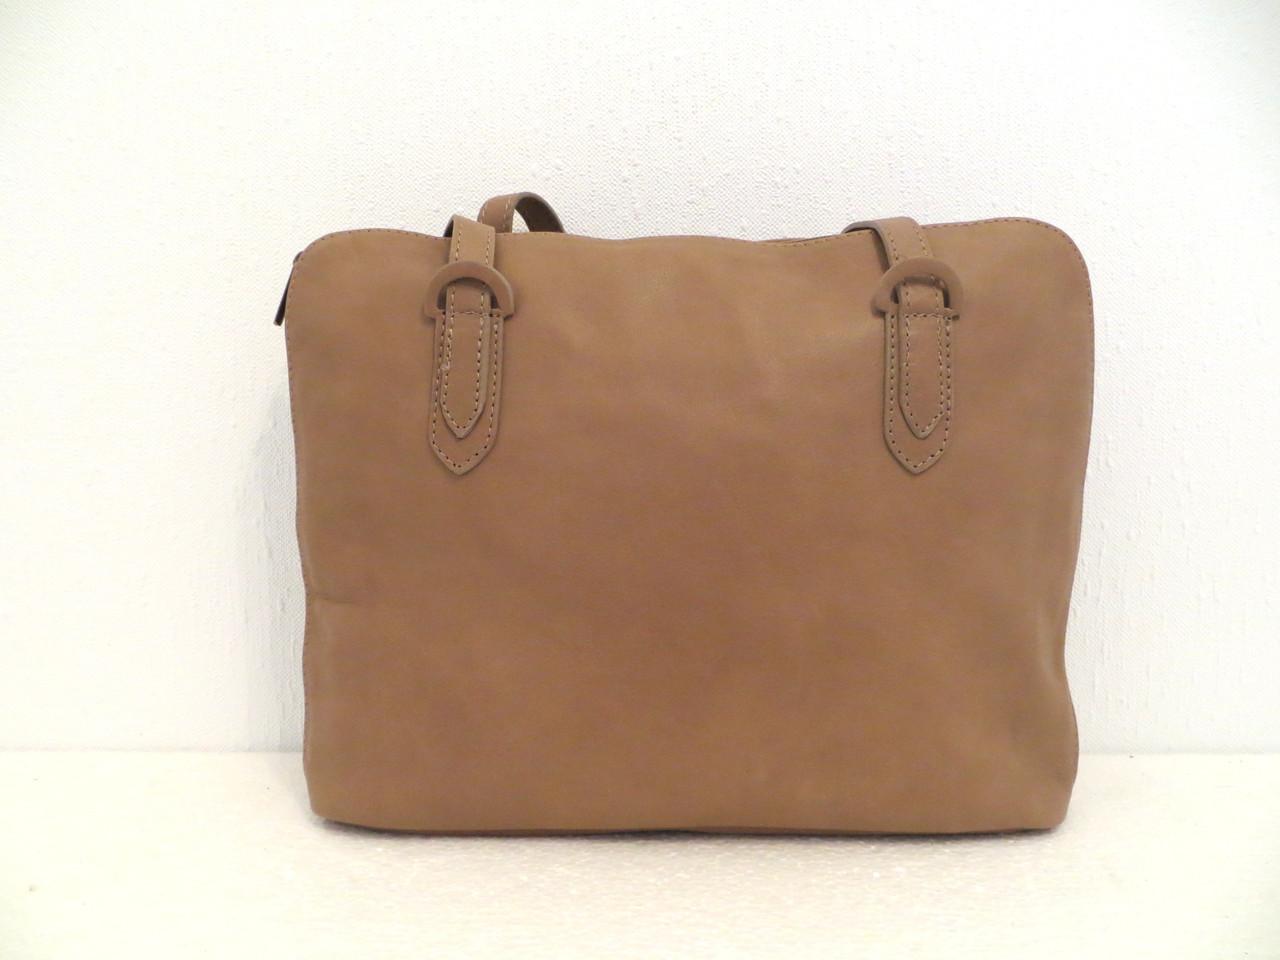 Стильная женская сумка. Натуральная кожа. Италия Кофе с молоком, фото 1